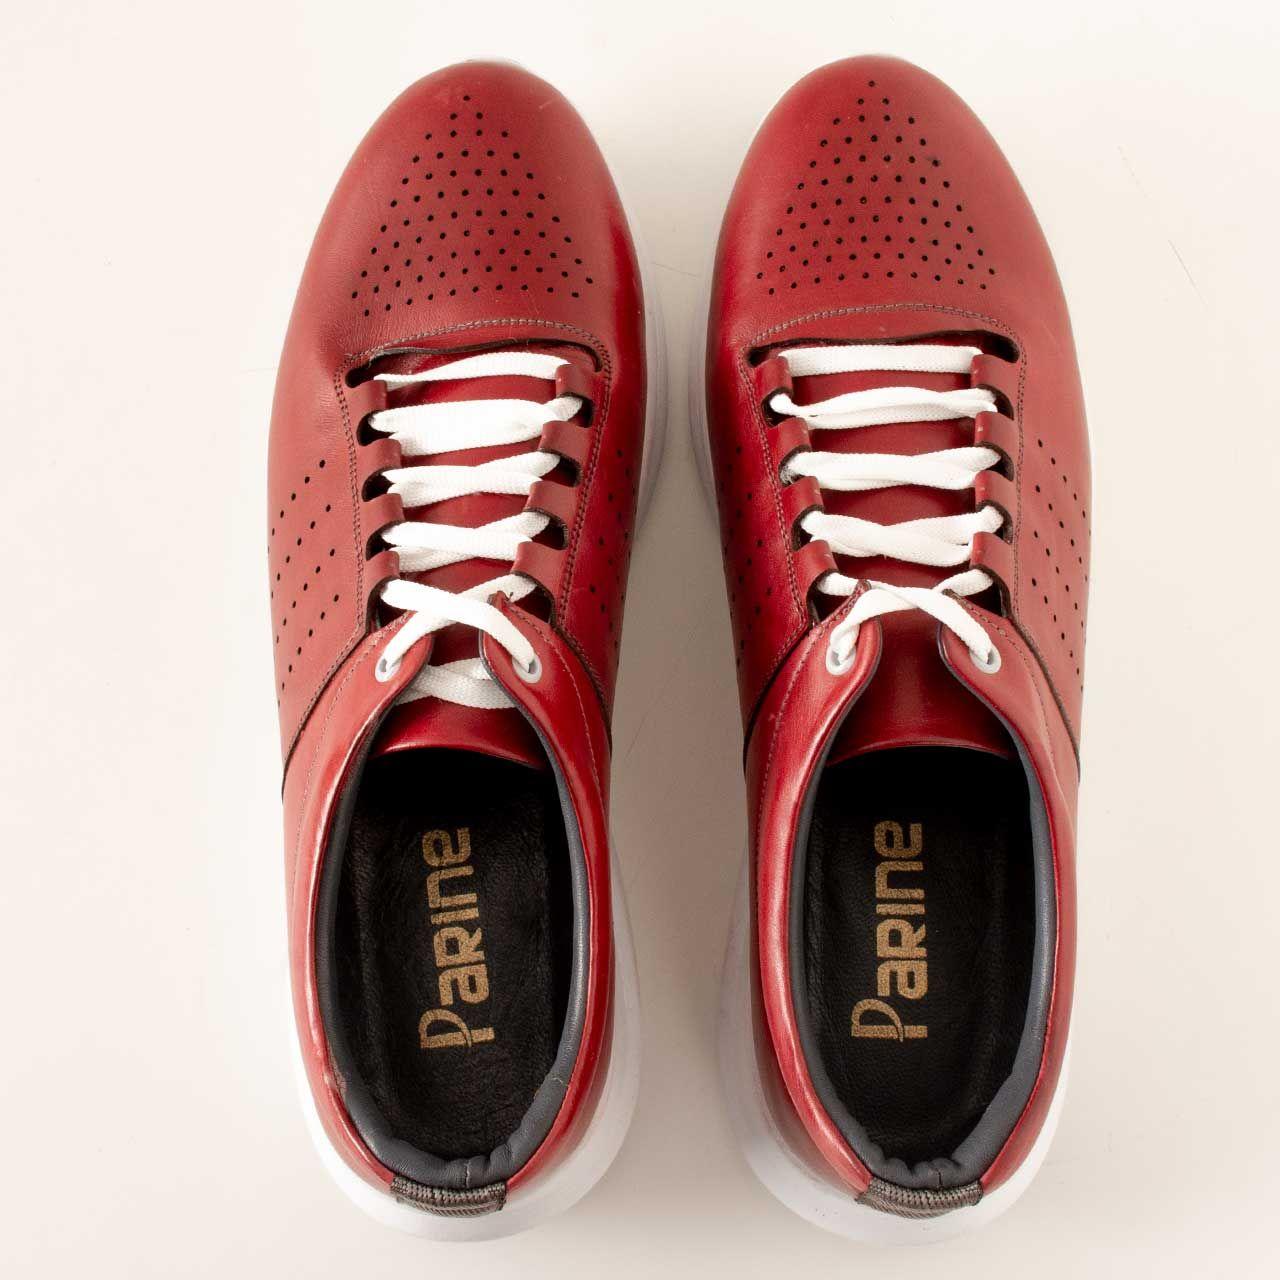 کفش روزمره مردانه پارینه چرم مدل SHO176-2 -  - 9